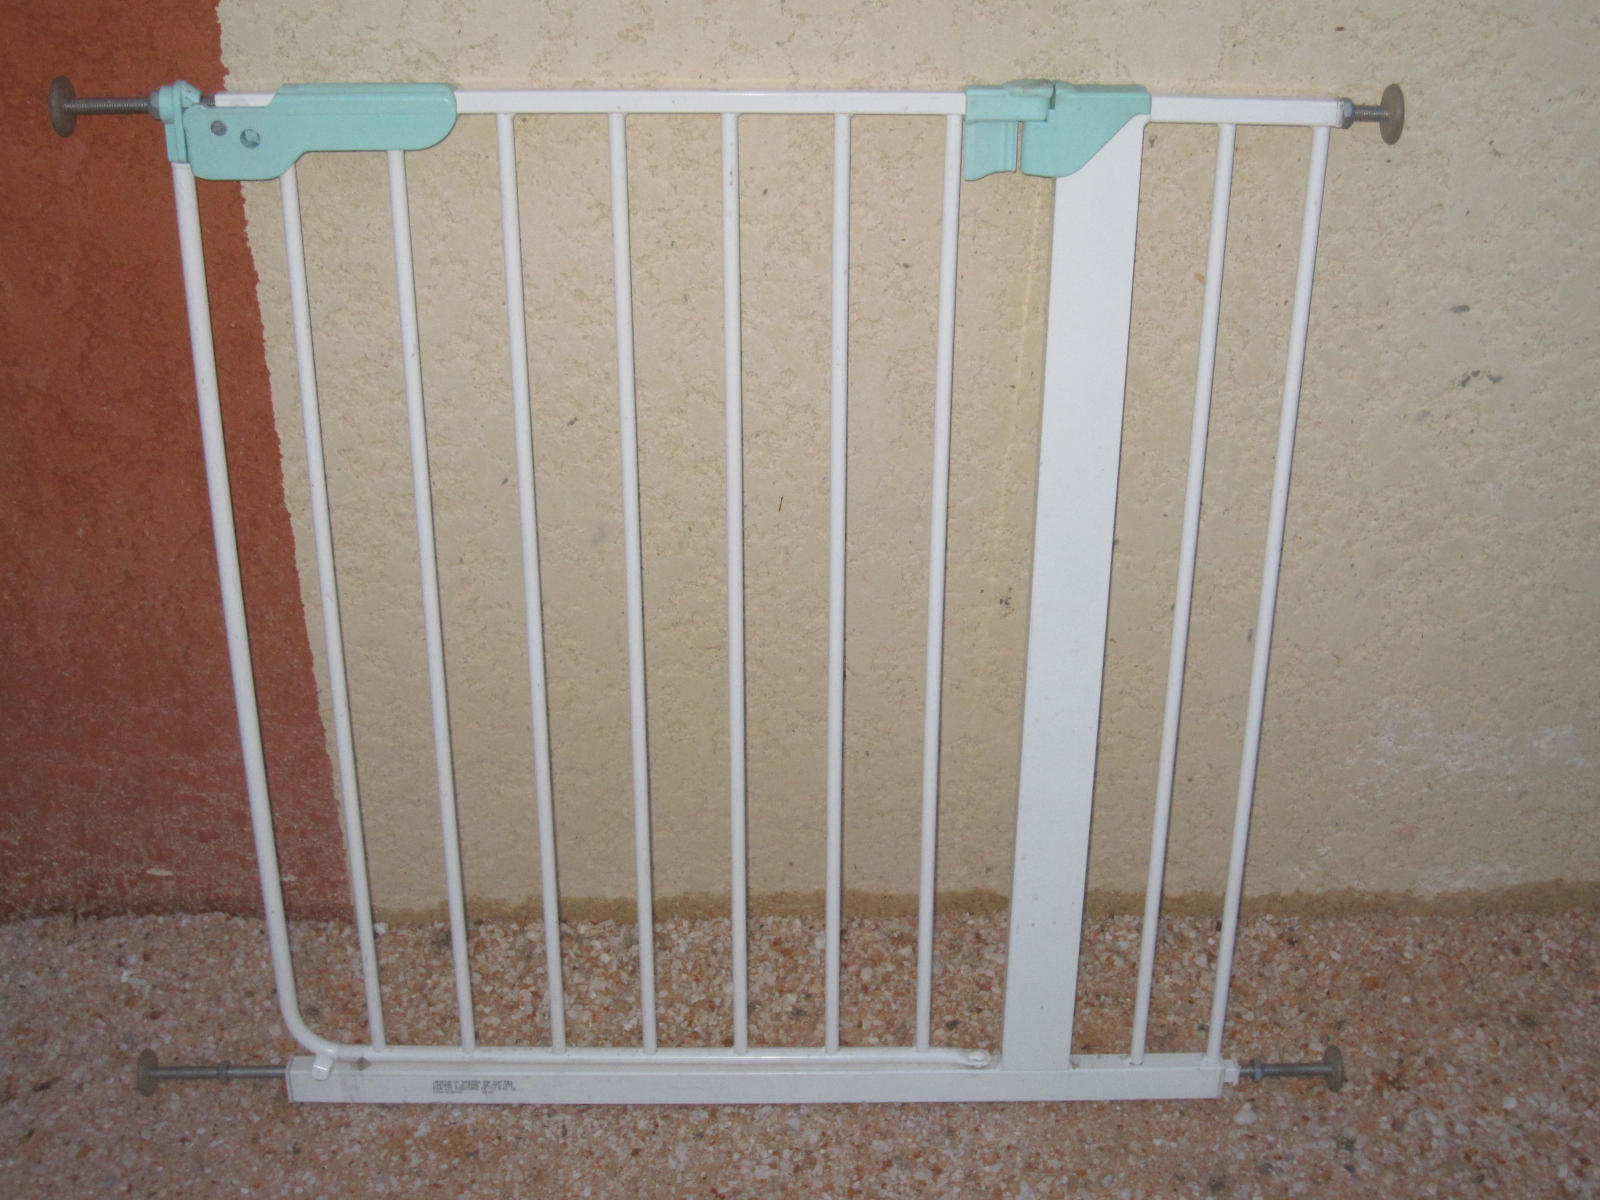 barri 232 re de s 233 curit 233 m 233 tallique ouvrante ikea utilisable pour des ouvertures de 72cm 224 82cm